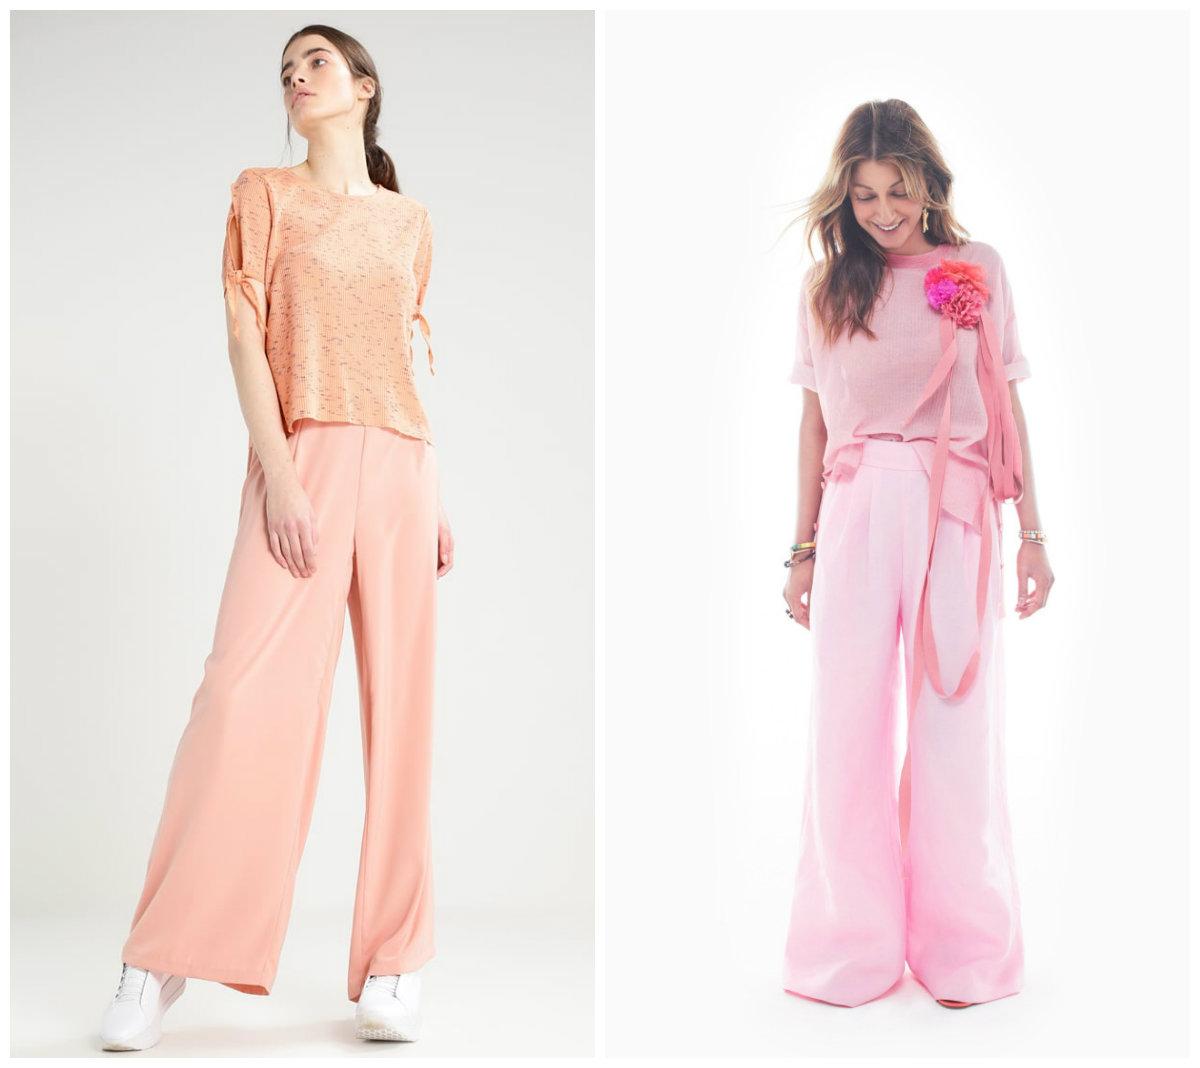 Брюки-женские-2019-года-модные-тенденции-фото-клеш-брюки женские 2019 года